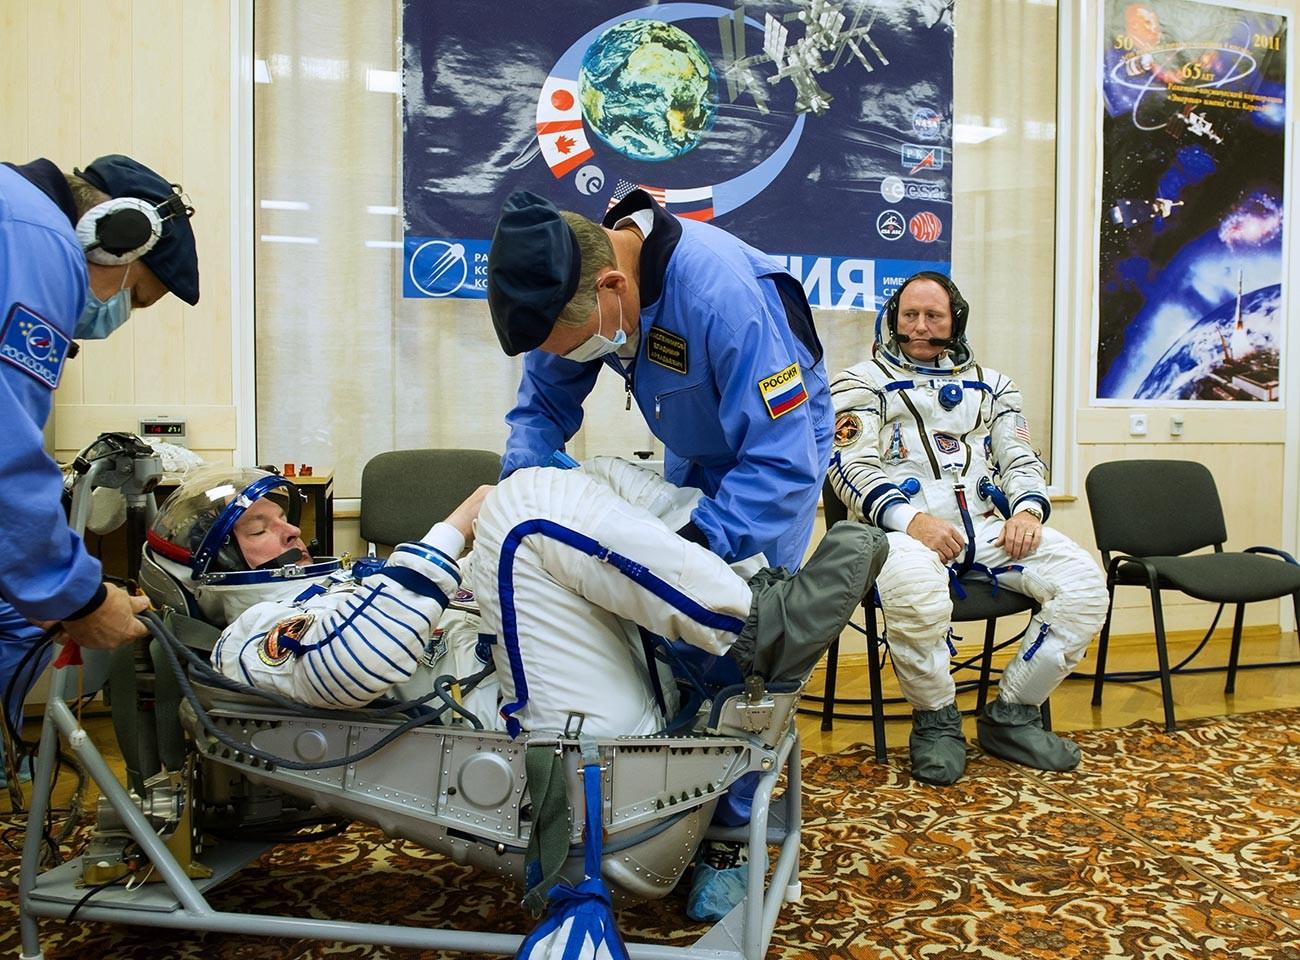 Posadka Sojuza TMA-14M v sestavi Aleksander Samokutjajev (levo, Roskosmos) in Barry Wilmore (desno, NASA) med pomerjanjem skafandrov